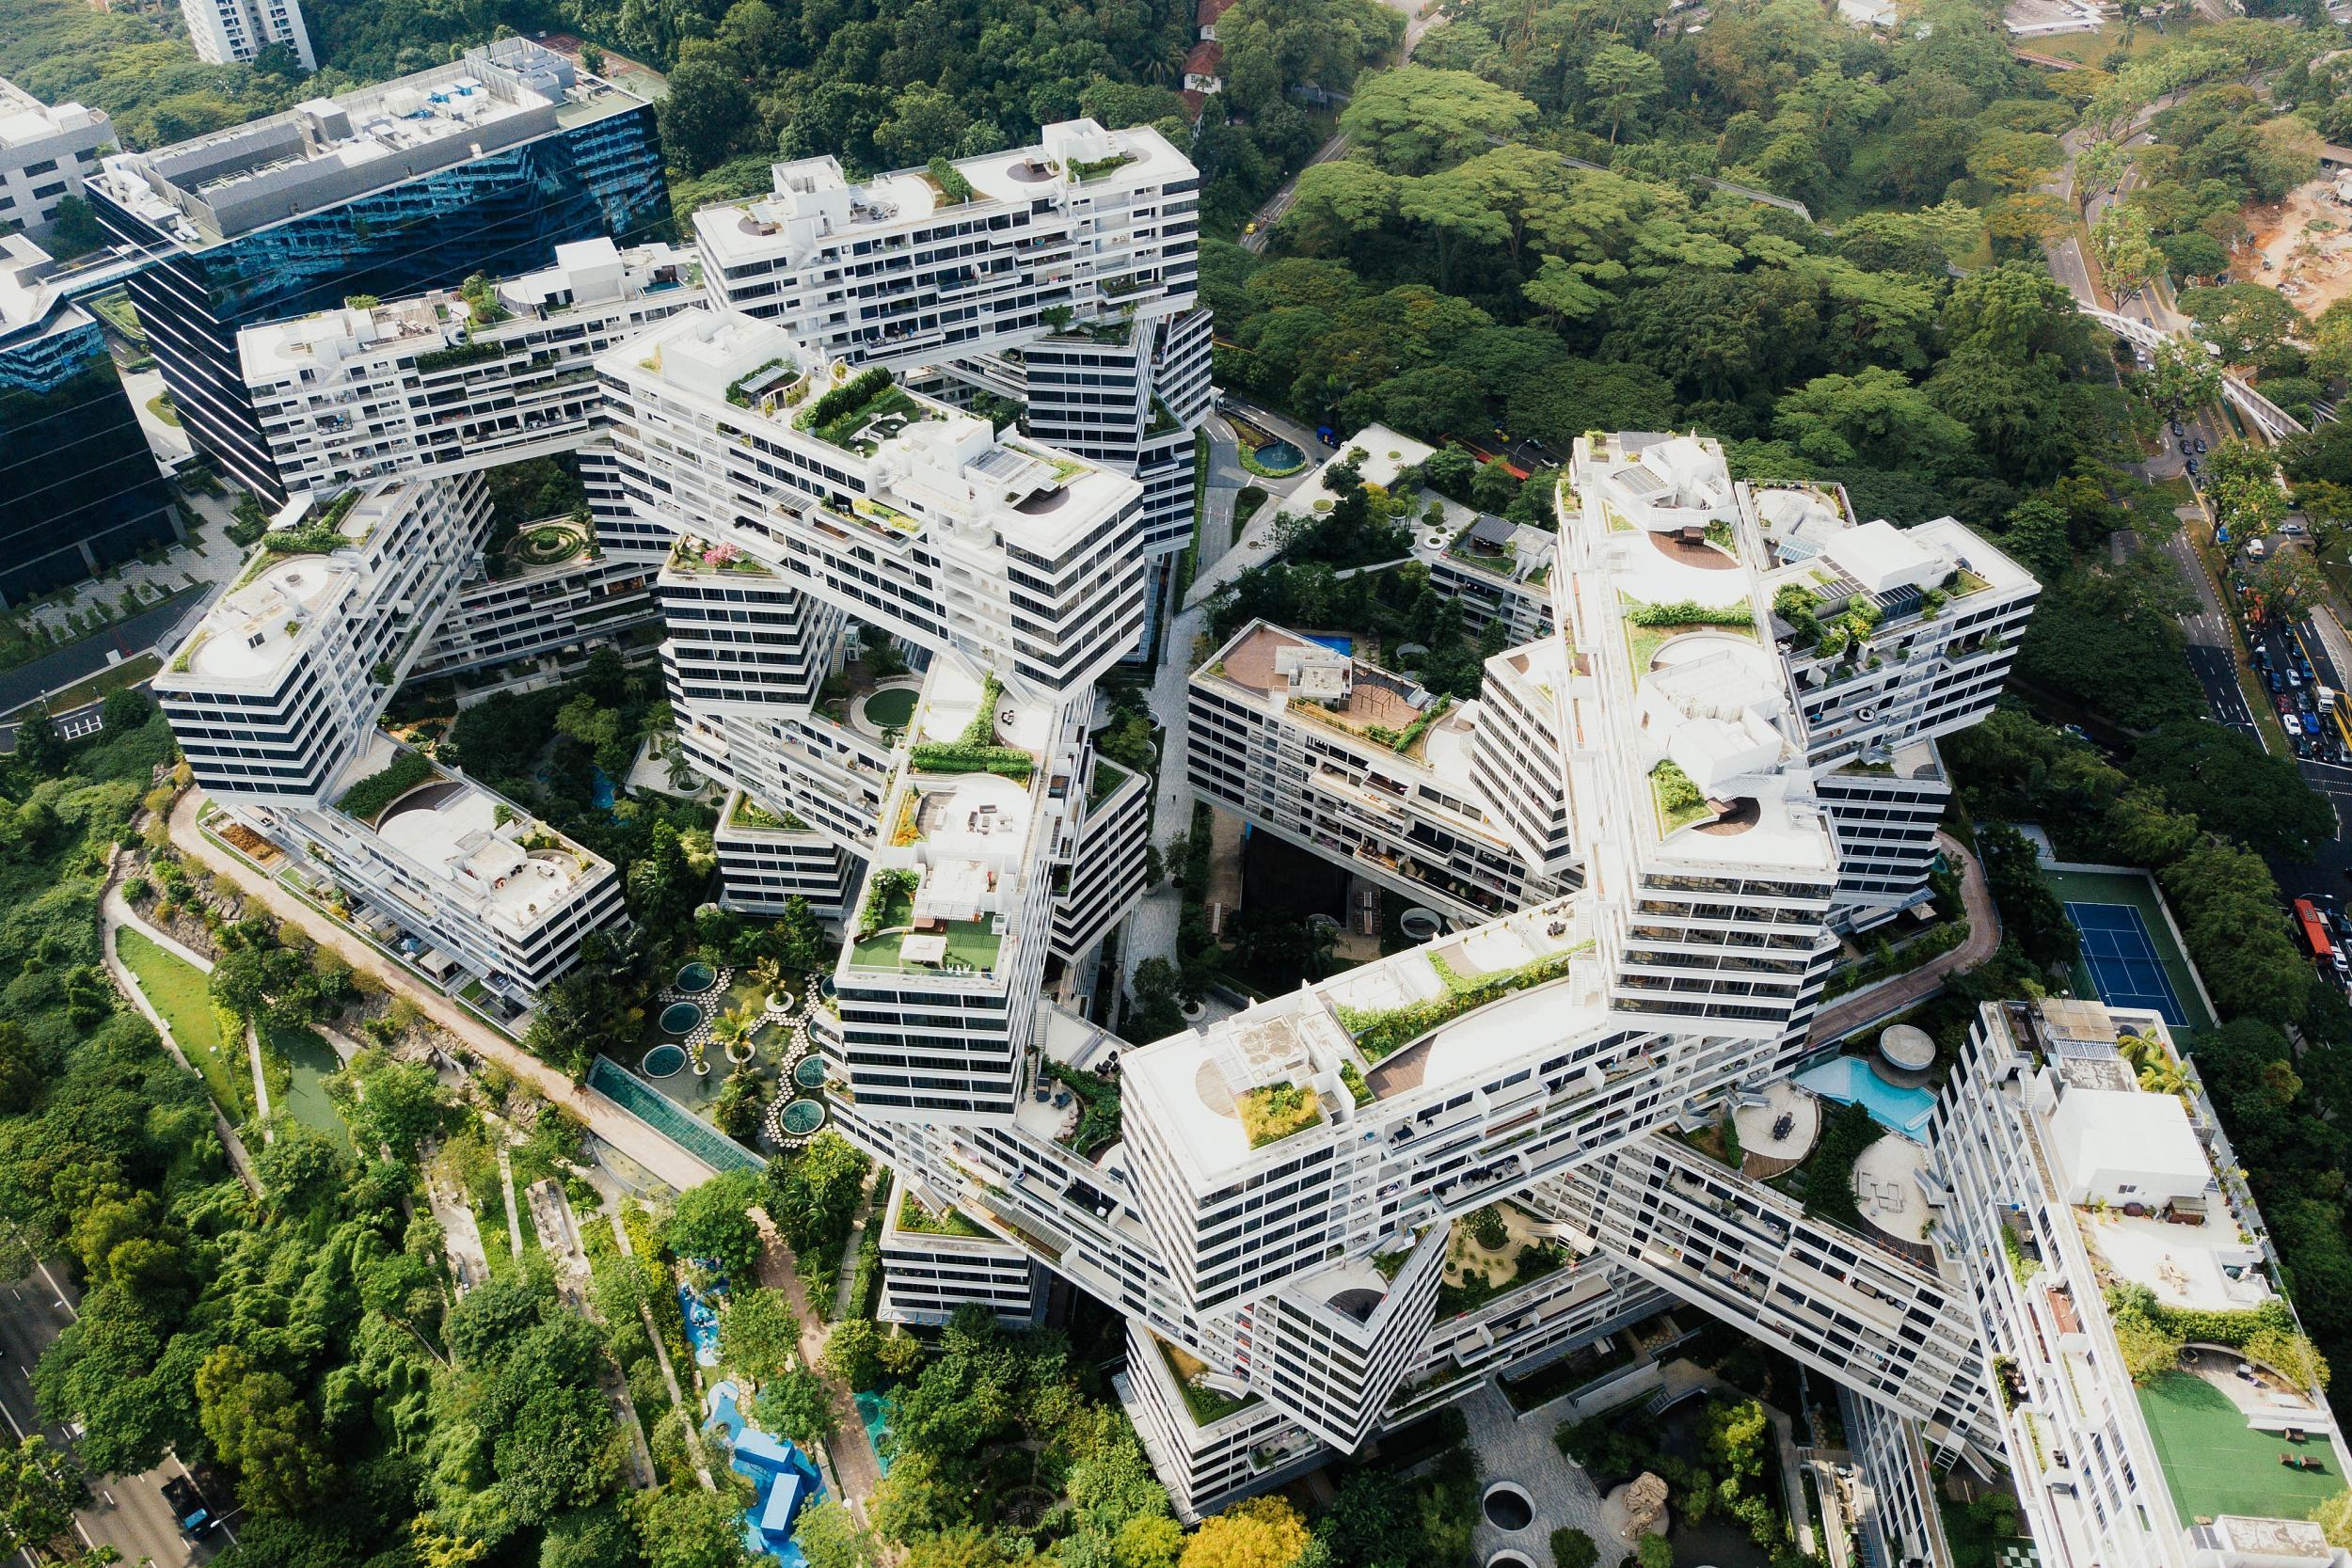 Smart City - Startups gestalten die Stadt von morgen | Companisto Blog